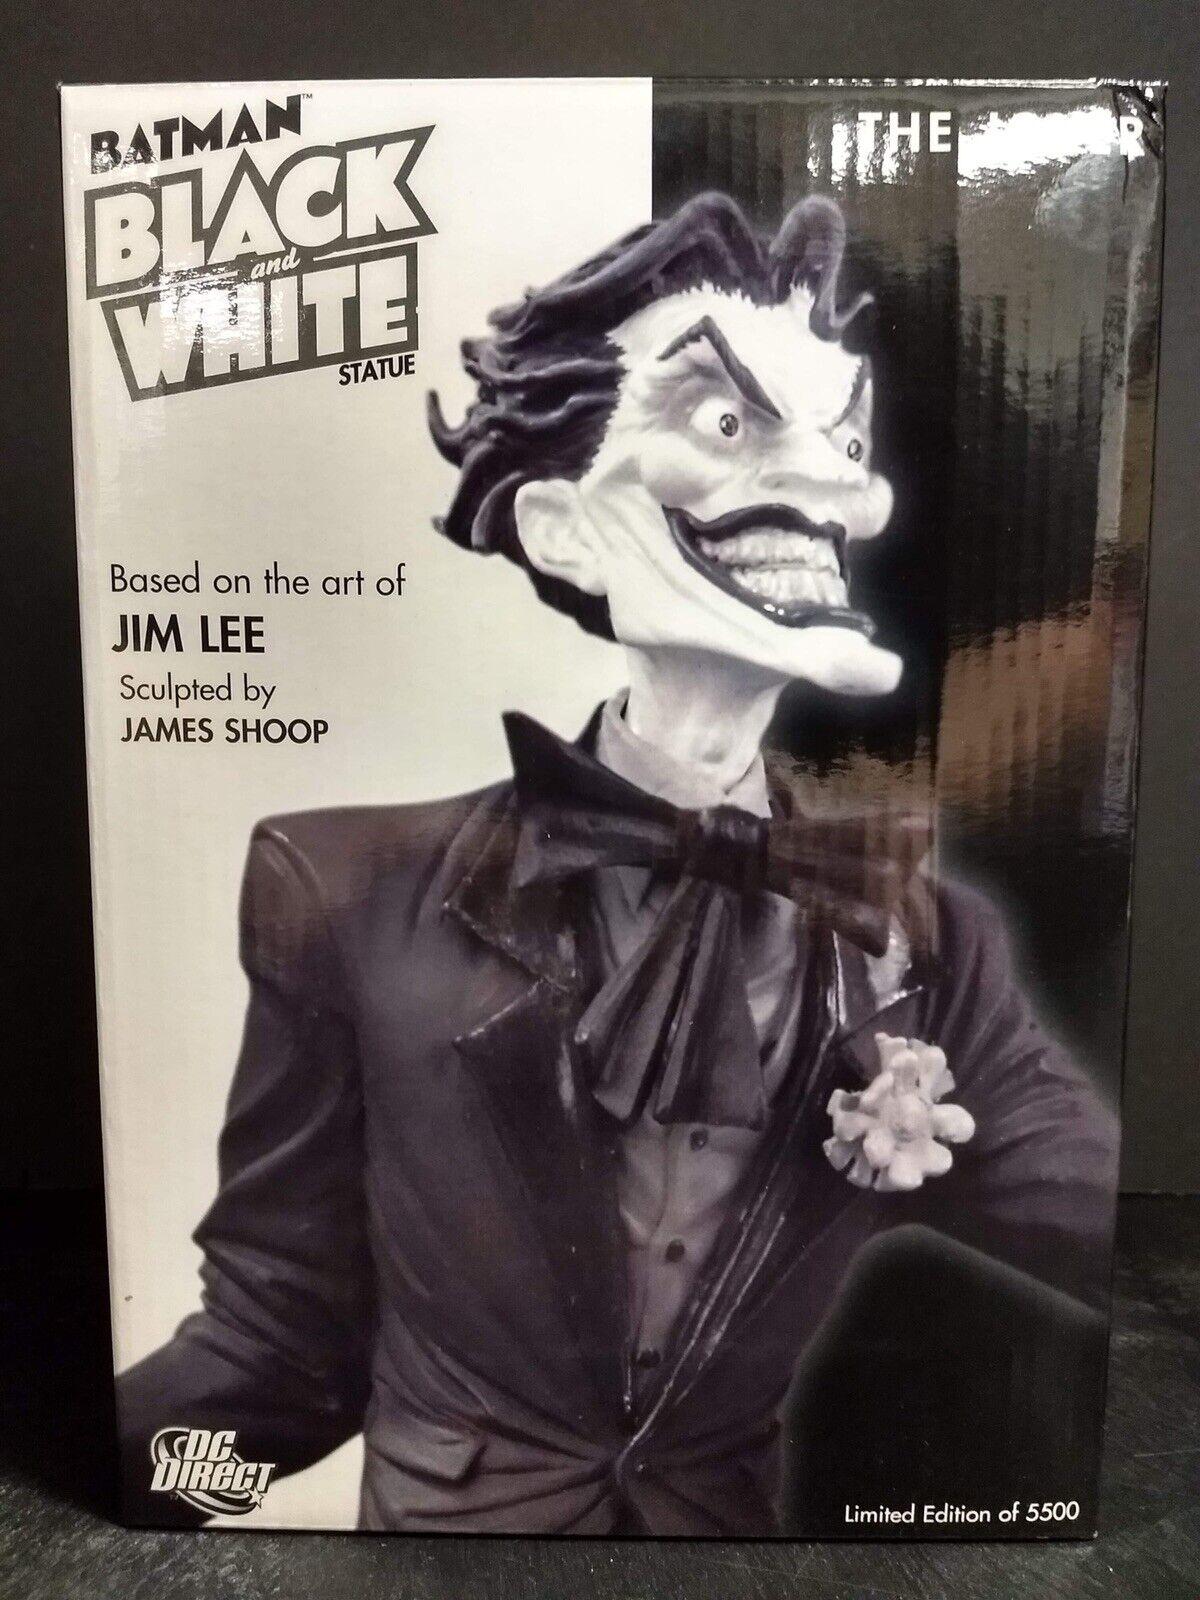 DC blancoo y negro el Guasón Direct Estatua Arte De Jim Lee Tamp 0079